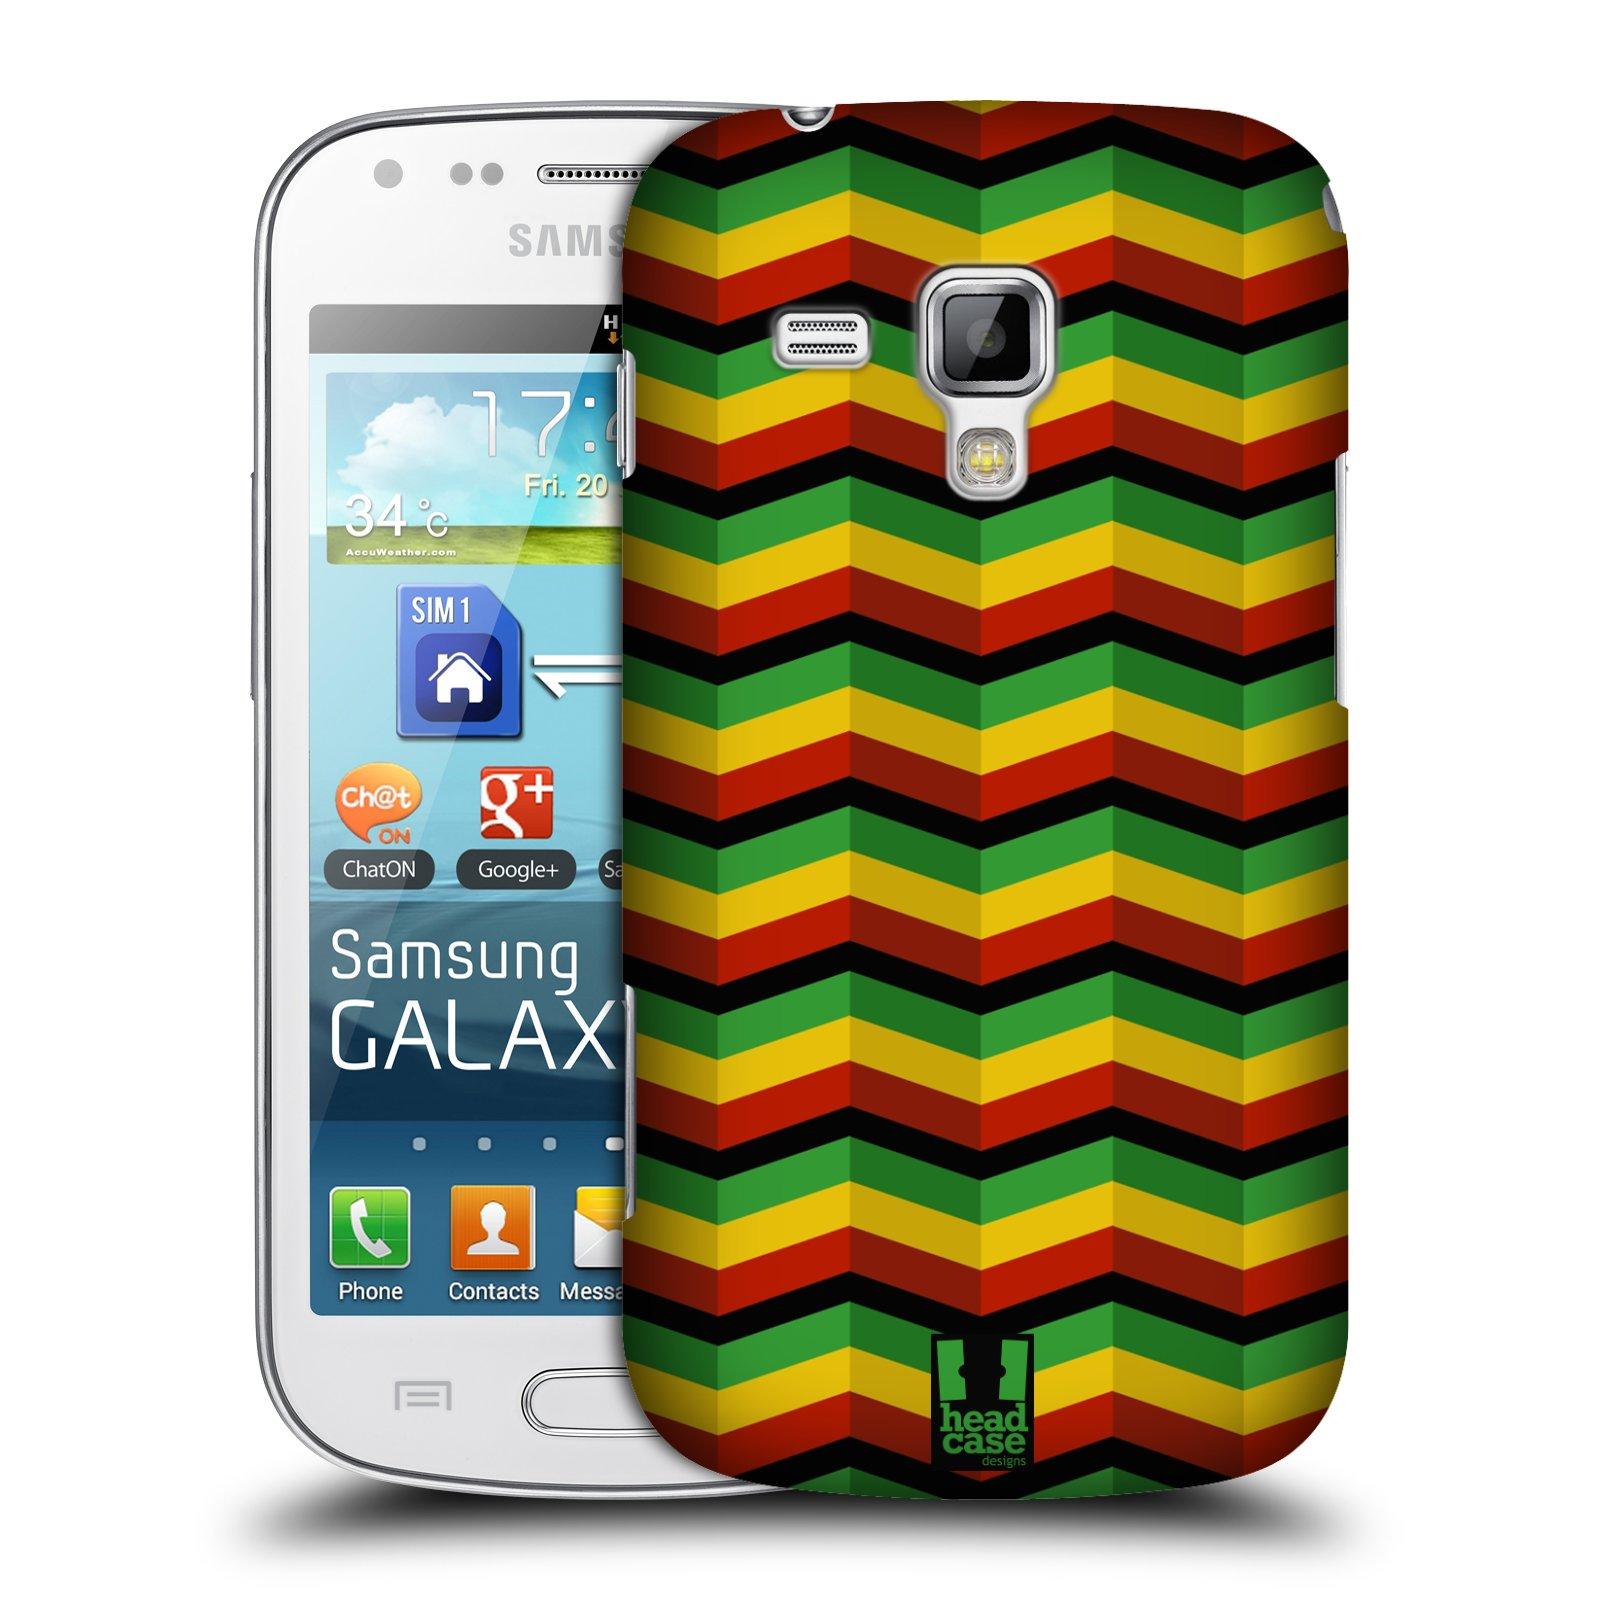 Plastové pouzdro na mobil Samsung Galaxy S Duos HEAD CASE RASTA CHEVRON (Kryt či obal na mobilní telefon Samsung Galaxy S Duos GT-S7562)